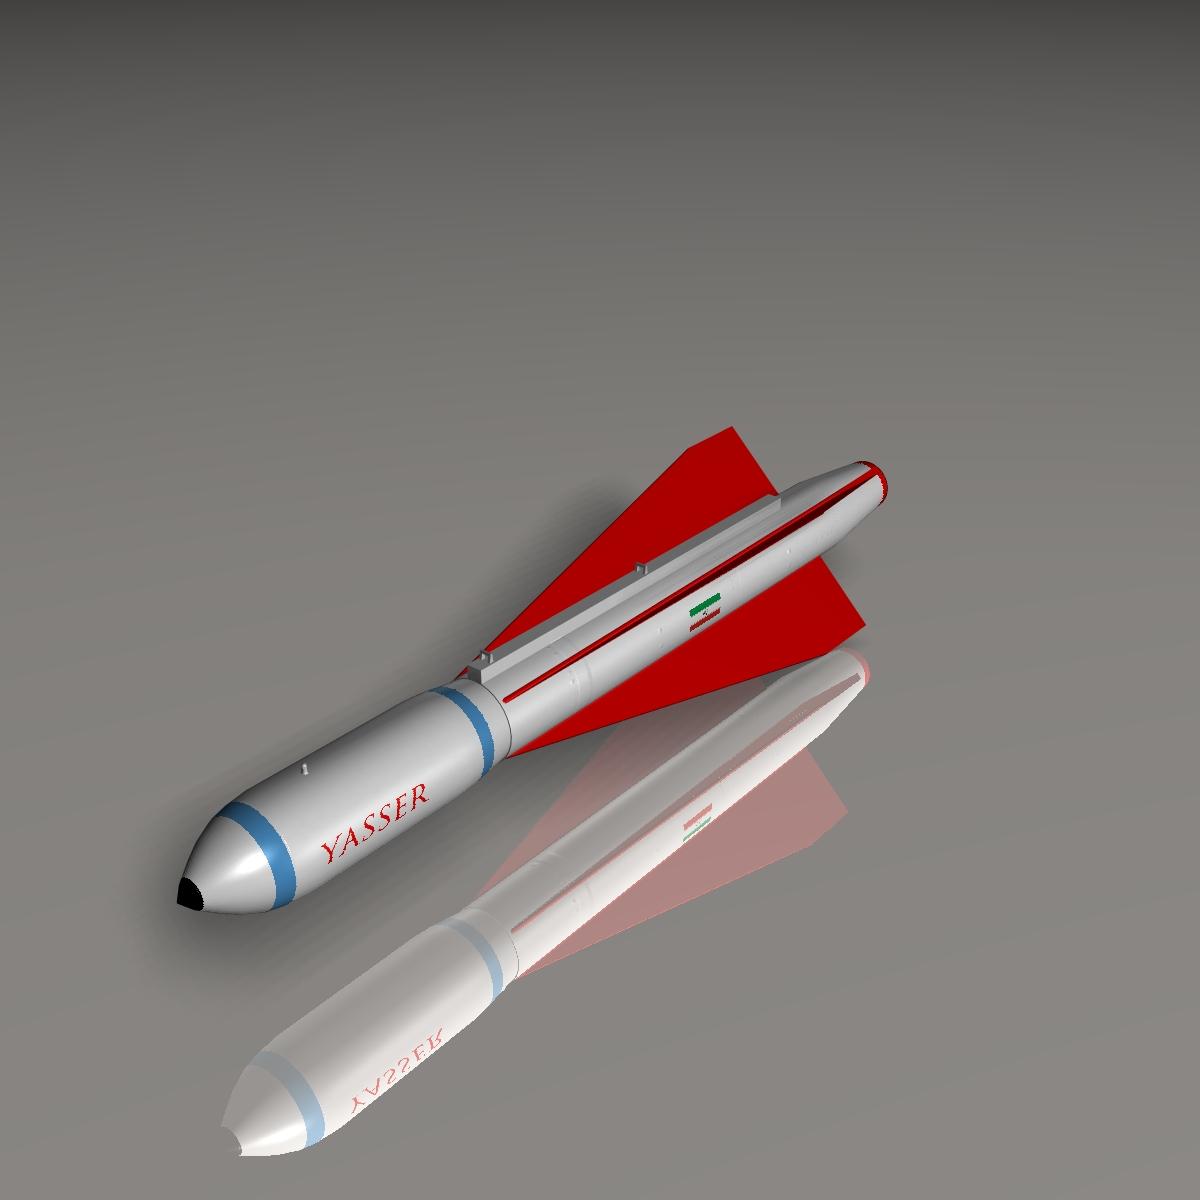 iranian yasser asm missile 3d model 3ds dxf cob x obj 150568